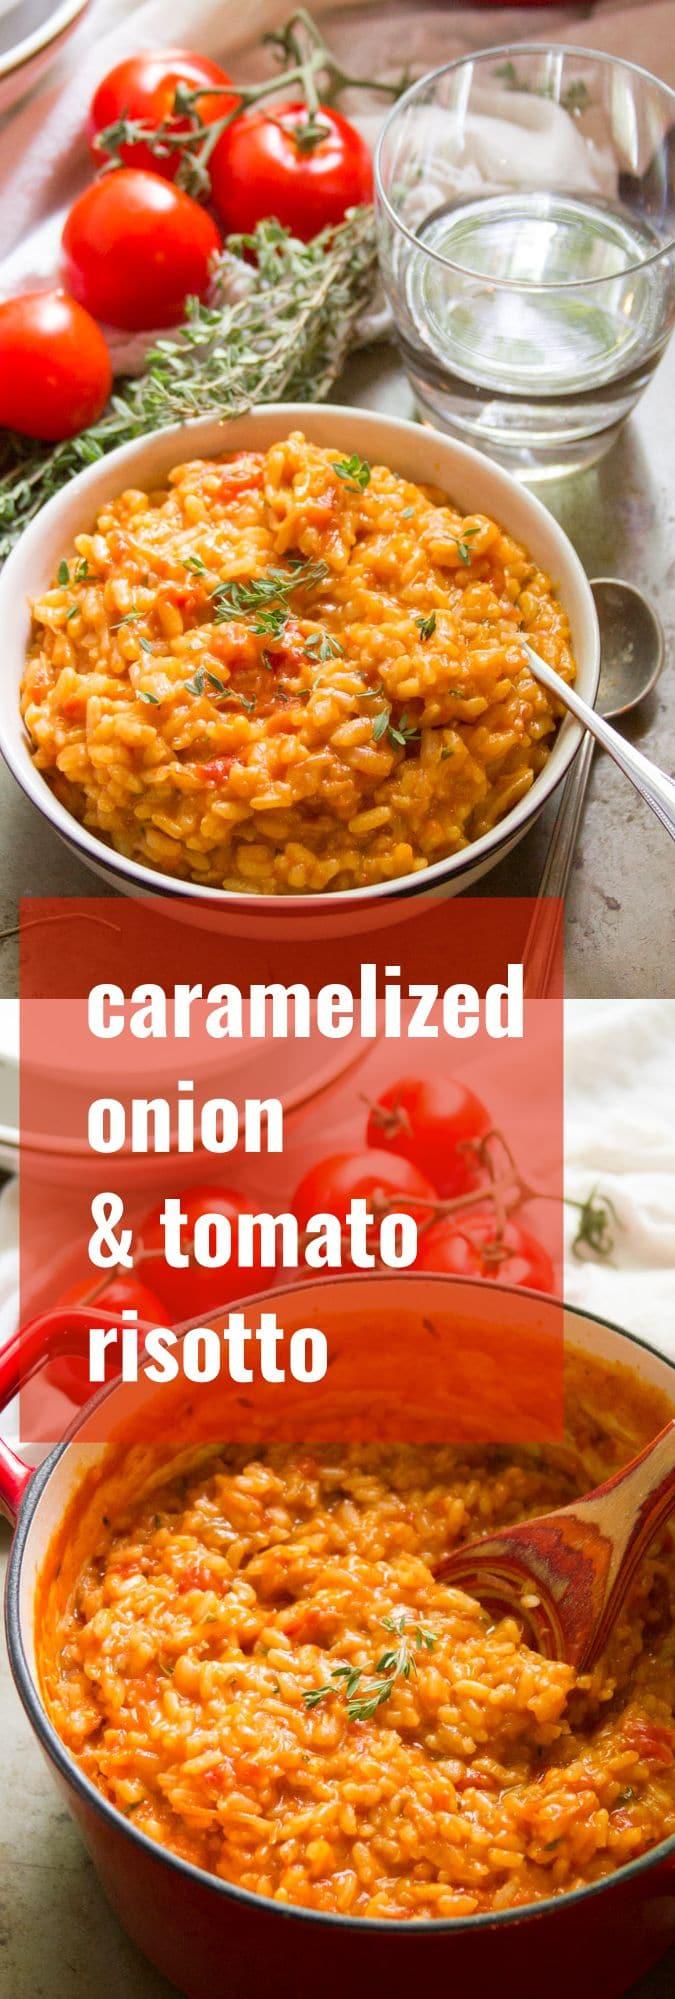 Caramelized Onion & Tomato Risotto